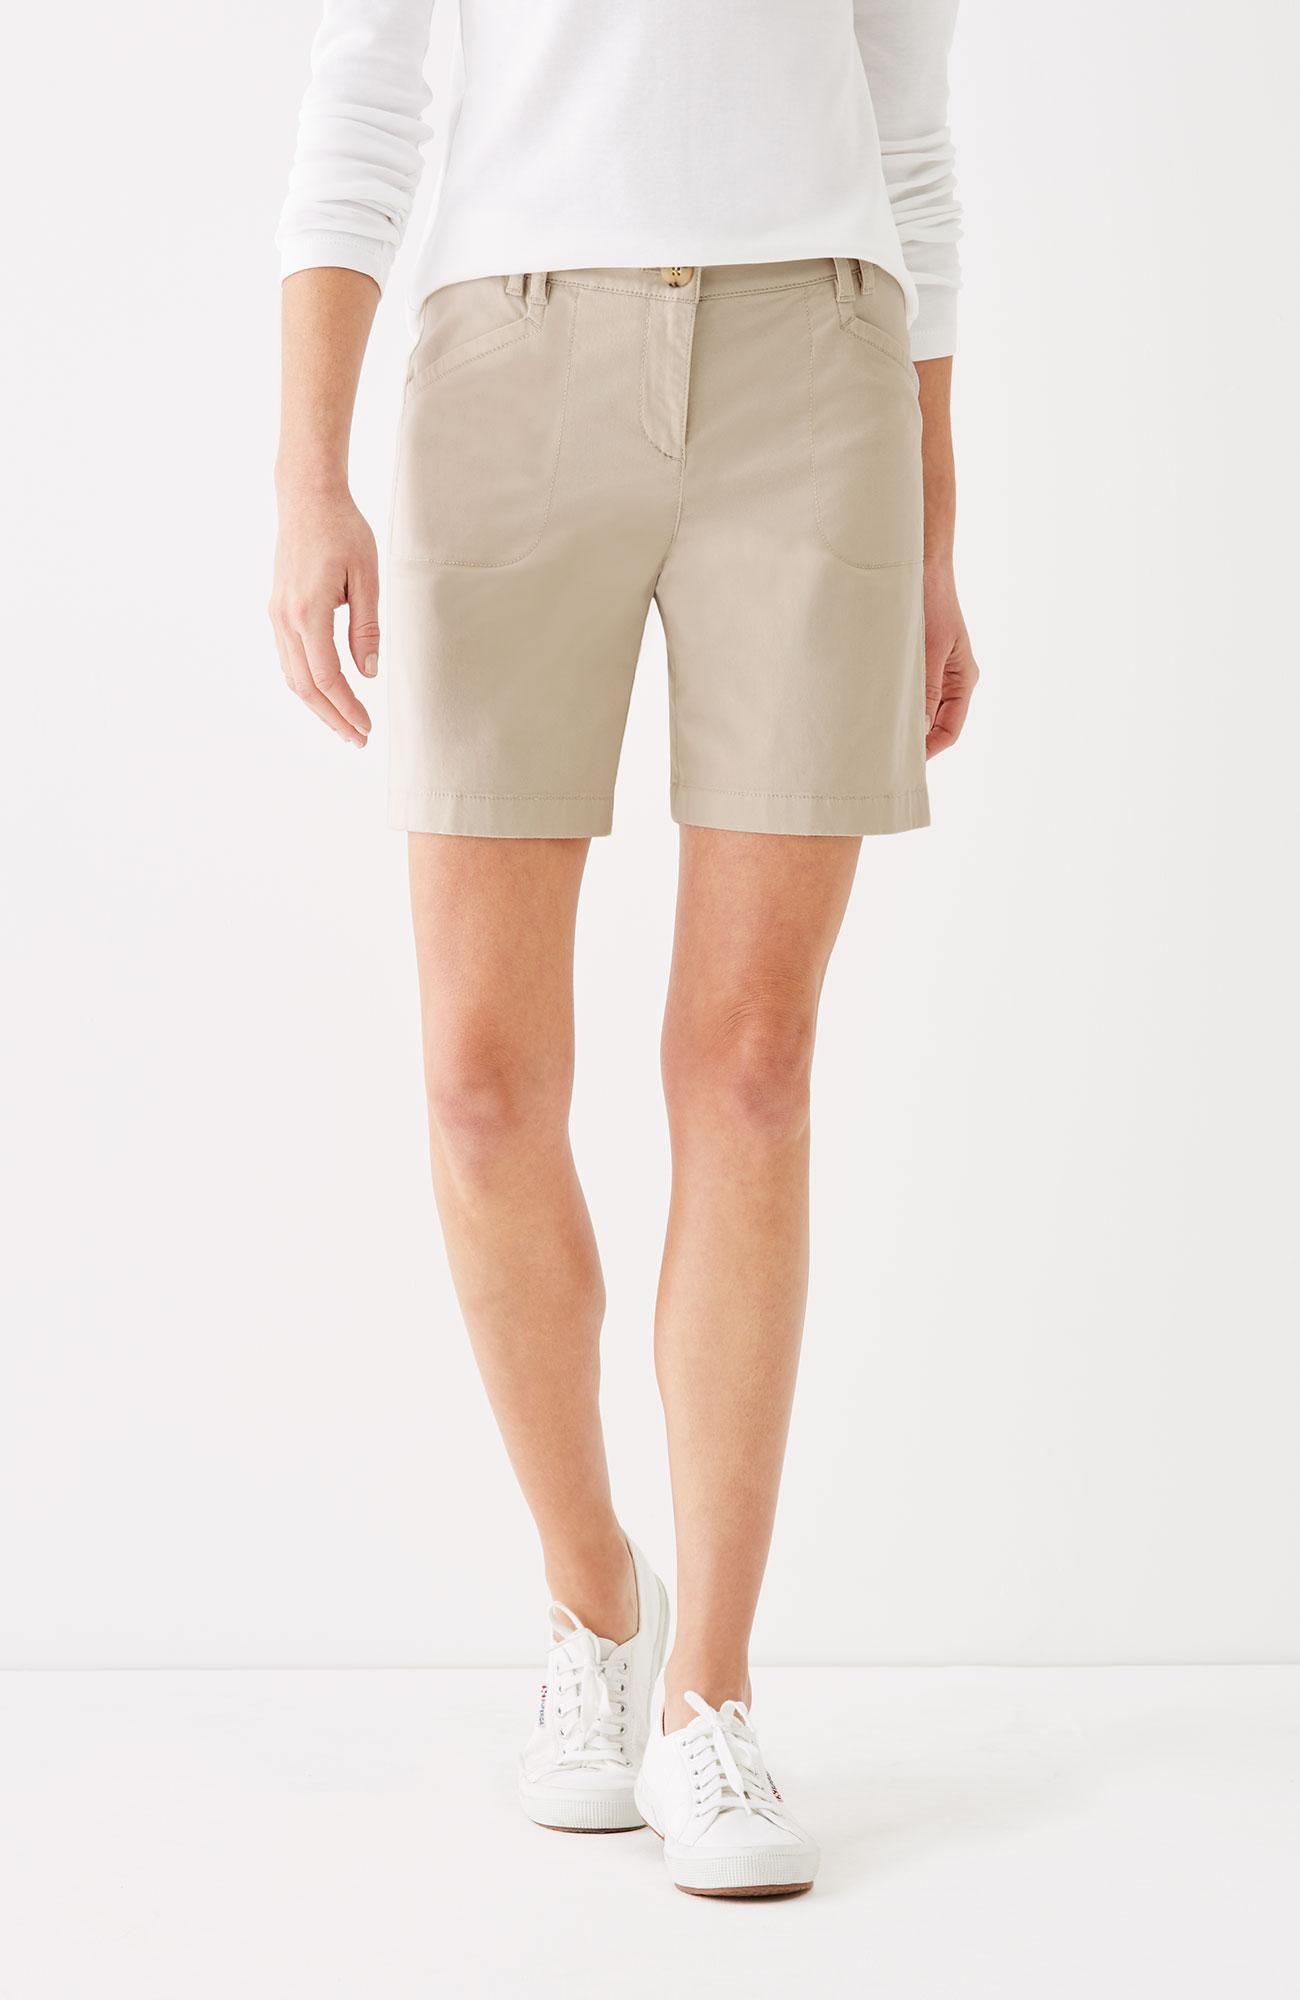 brushed-twill shorts